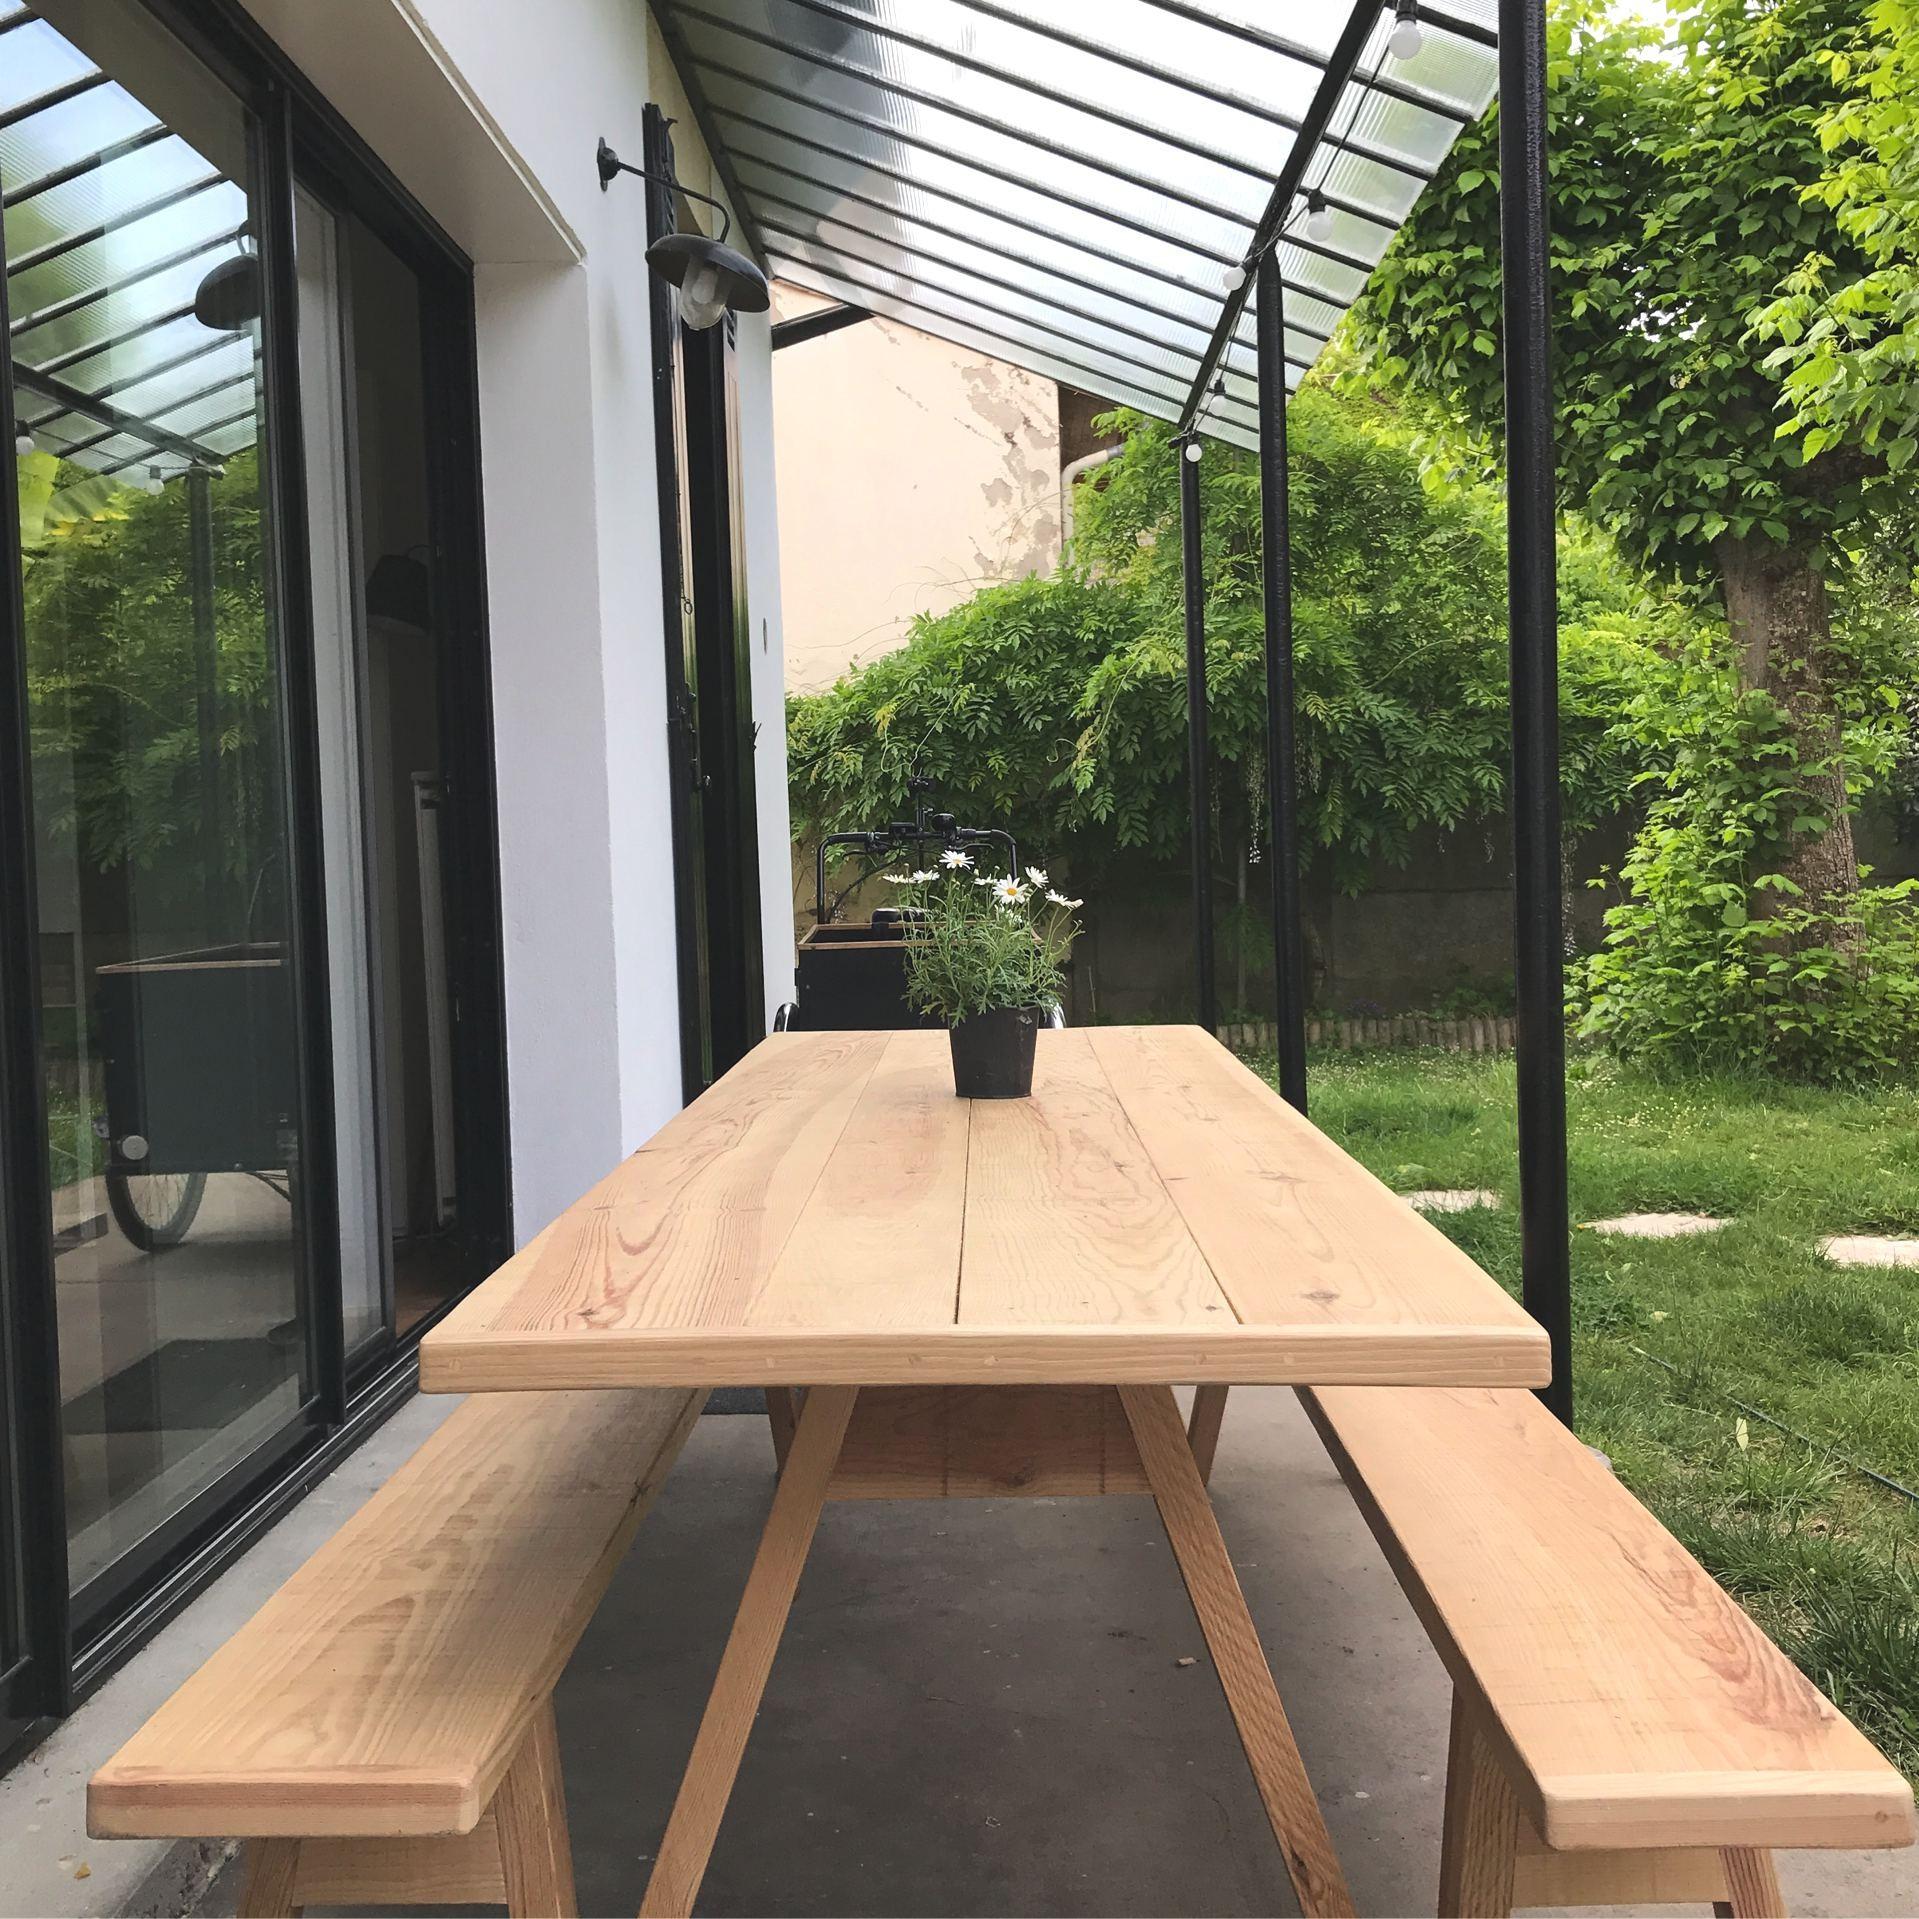 table_bancs_bois_design_artisan_deco_5